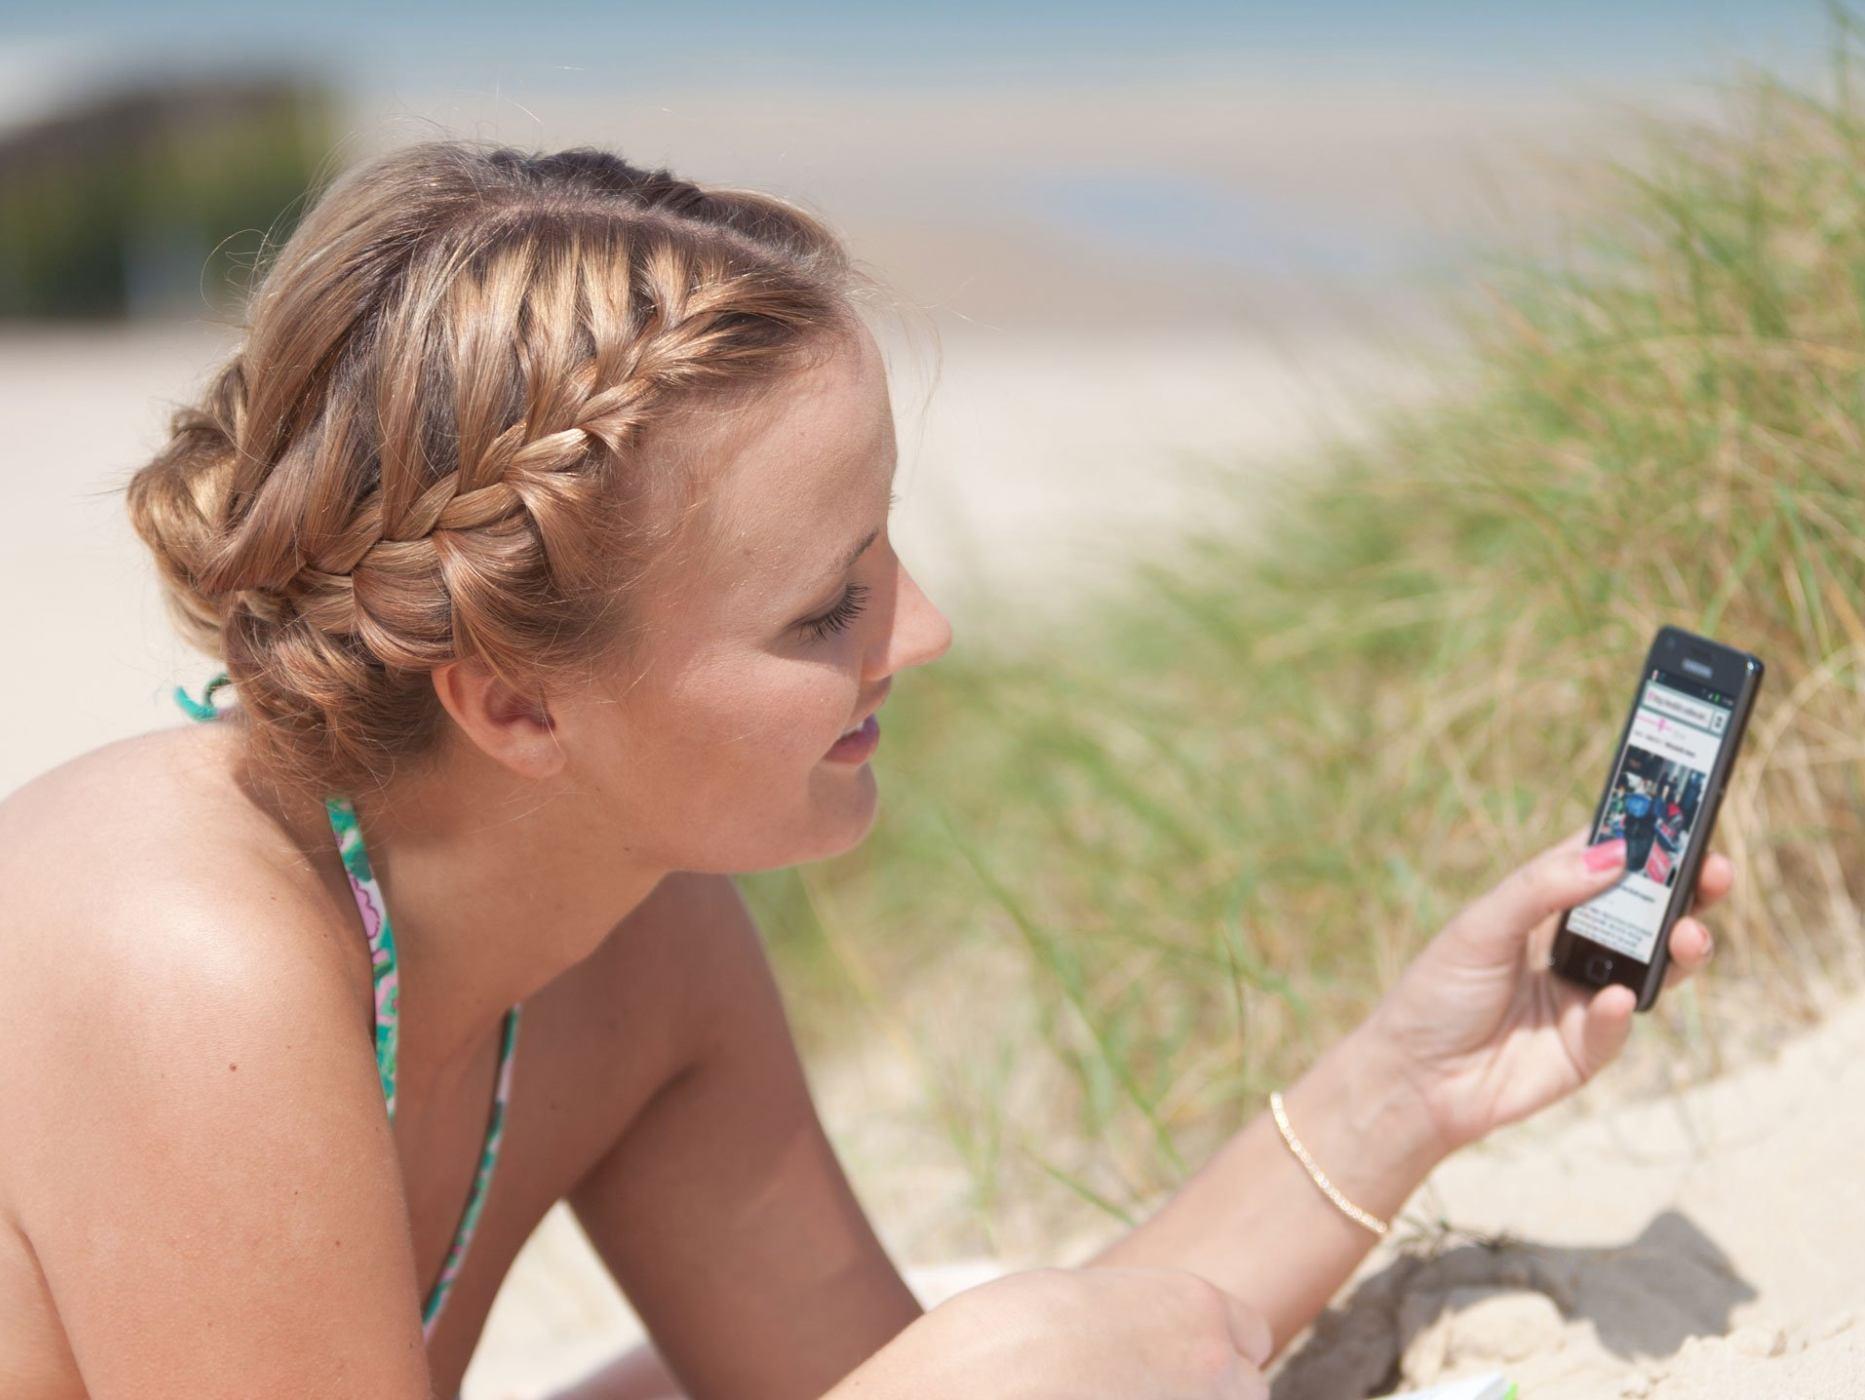 Eine Frau am Strand mit einem Handy